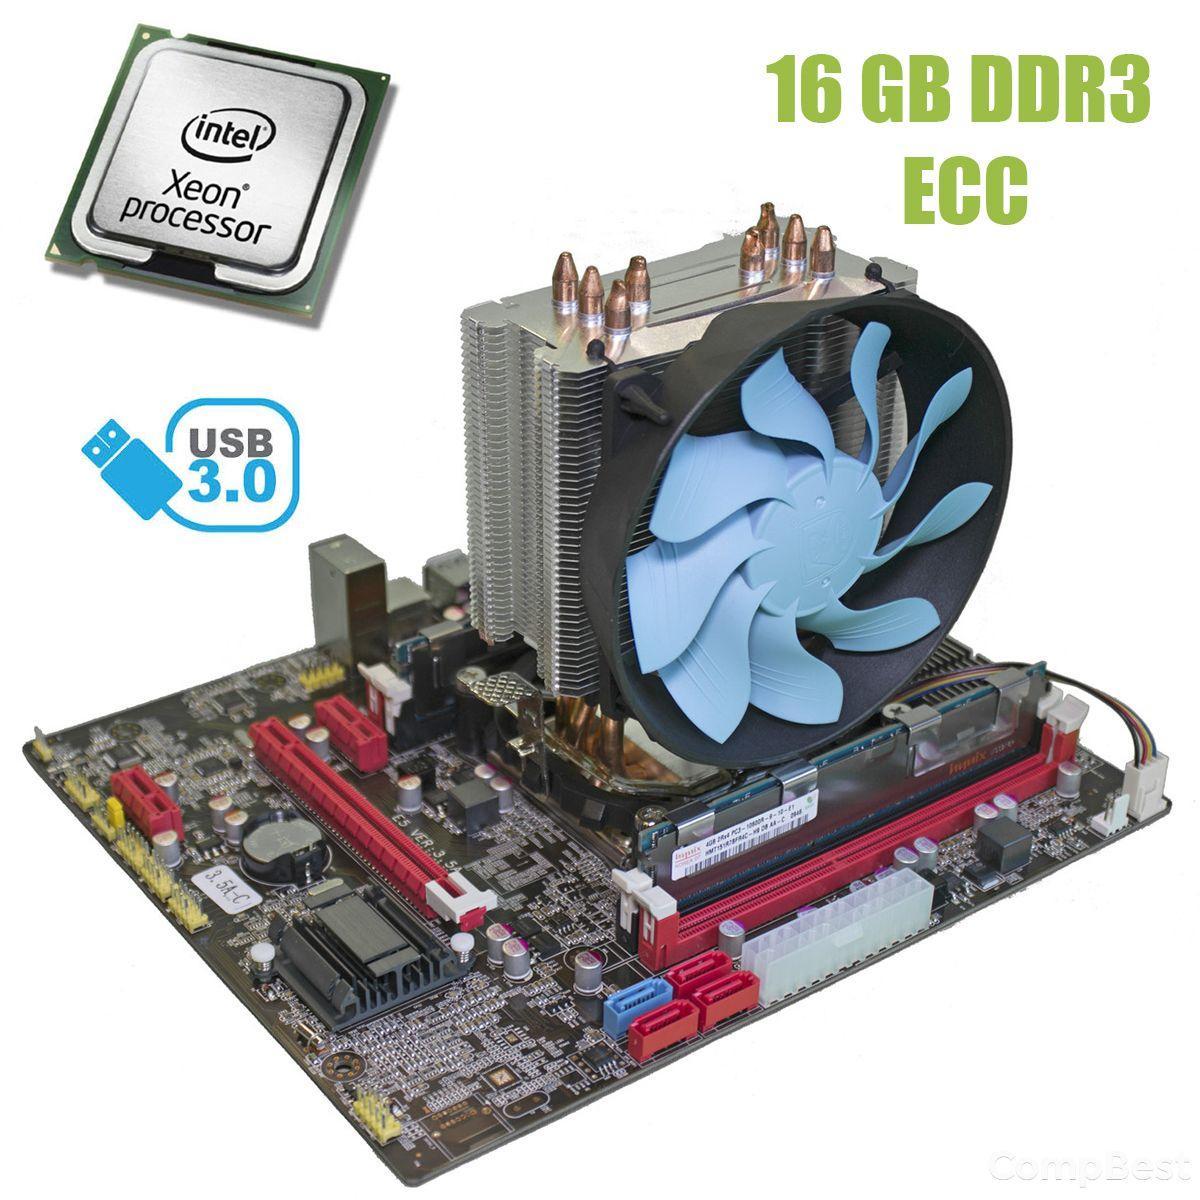 Материнская плата Х79 3.5 / socket LGA2011 с процессором Intel Xeon E5-2660 / 8(16) ядер по 2.2-3.0GHz / 20Mb cache и 16GB DDR3 ECC ОЗУ